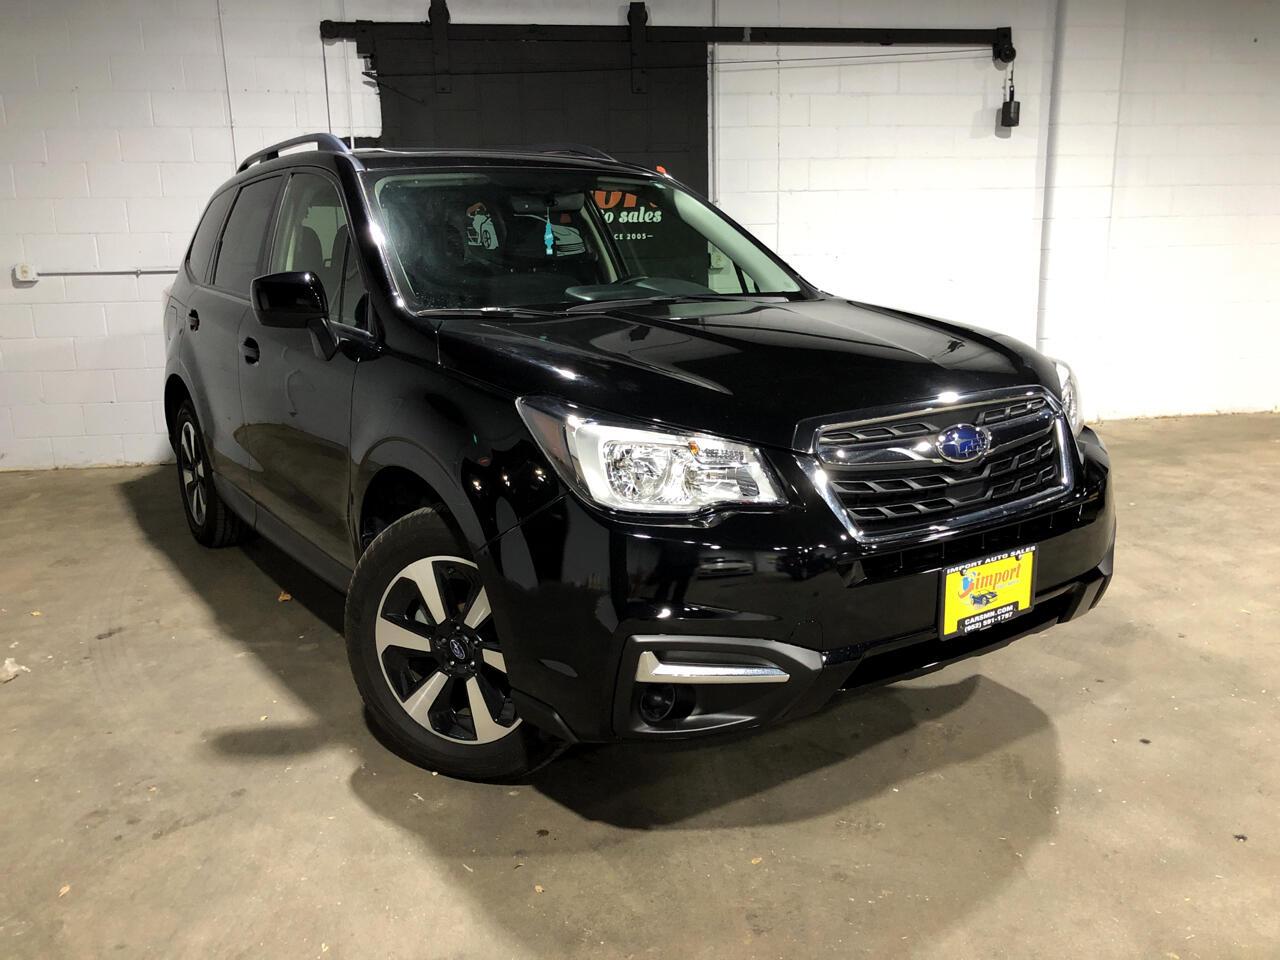 Subaru Forester 2.5i Premium 2018